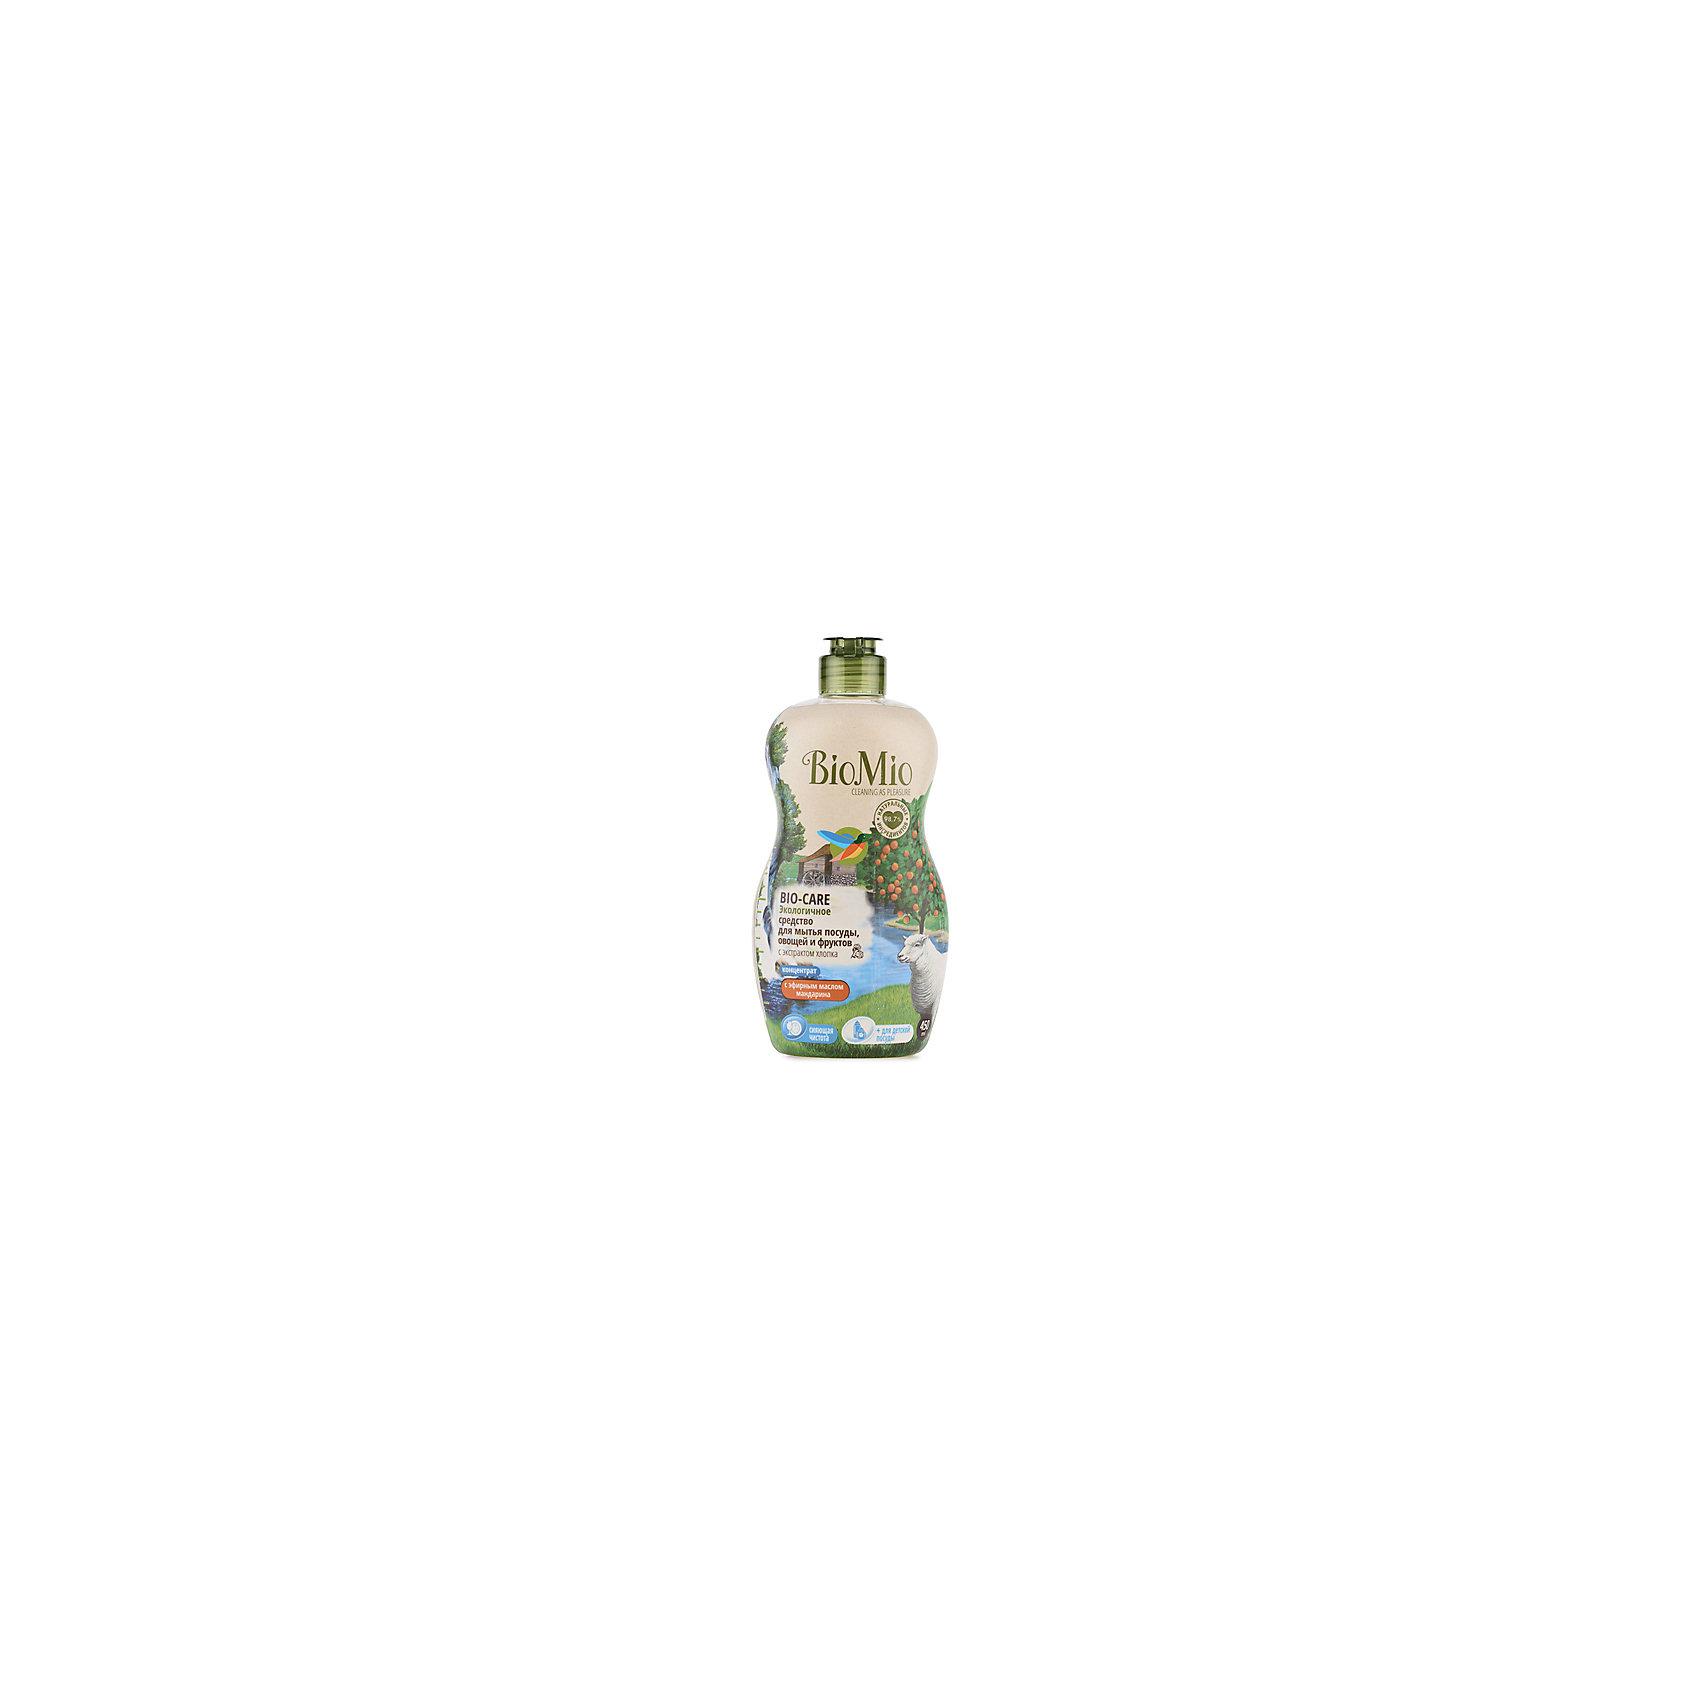 Экологичное средство для мытья посуды, овощей и фруктов с маслом мандарина, BIO MIOБытовая химия<br>Экологичное средство для мытья посуды, овощей и фруктов с маслом мандарина, от известного бренда из Дании BIO MIO (Био Мио). Впустите атмосферу мандарина и безопасной чистоты в ваш дом! Это средство имеет в составе эфирное масло мандарина и хорошо справляется с остатками пищи и загрязнениями, не оставляя разводов и уничтожая микробы, благодаря антибактериальной формуле. Концентрированная формула позволит использовать стандартную бутылочку объема 450 мл. дольше обычного. РH нейтральный, не имеет в составе небезопасных веществ и искусственных добавок. Экстракт хлопка оказывает благотворное воздействие и оберегает руки, сохраняя их нежность. Этим средством рекомендовано пользоваться с первых дней малыша. Датское качество отвечает европейским стандартам и осуществляет безопасную заботу о детях и планете.<br>Дополнительная информация:<br><br>- Объем: 450 мл. <br>- Не содержит искусственные ароматизаторы и красители, агрессивные ПАВ, нефтепродукты, PEG, фосфаты, хлор, SLS/SLES.<br><br>Экологичное средство для мытья посуды, овощей и фруктов с маслом мандарина, BIO MIO (Био Мио) можно купить в нашем интернет-магазине.<br>Подробнее:<br>• Для детей в возрасте: от 0 лет<br>• Номер товара: 5008294 <br>Страна производитель: Дания<br><br>Ширина мм: 300<br>Глубина мм: 100<br>Высота мм: 50<br>Вес г: 500<br>Возраст от месяцев: 0<br>Возраст до месяцев: 36<br>Пол: Унисекс<br>Возраст: Детский<br>SKU: 5008294